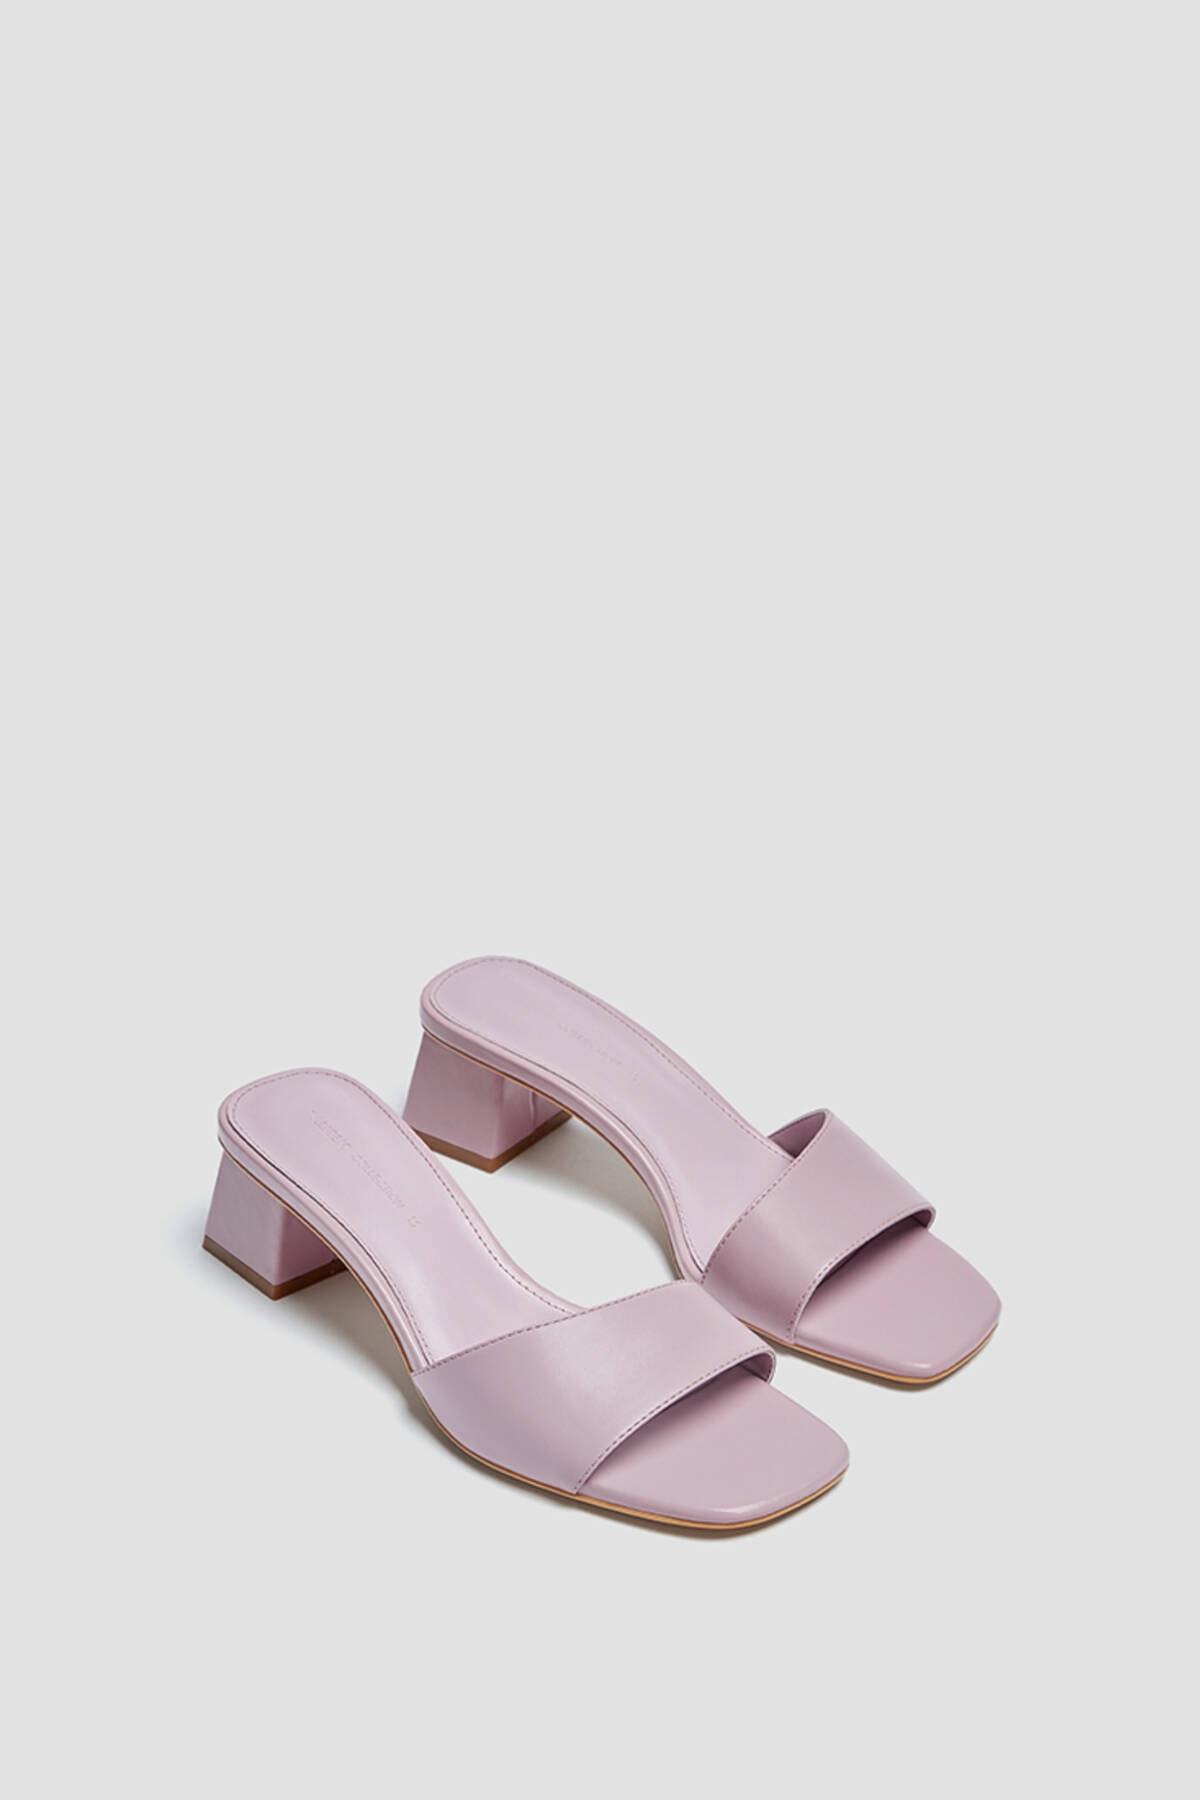 Pull & Bear Kadın Leylak Kare Burunlu Topuklu Arkası Açık Ayakkabı 11609740